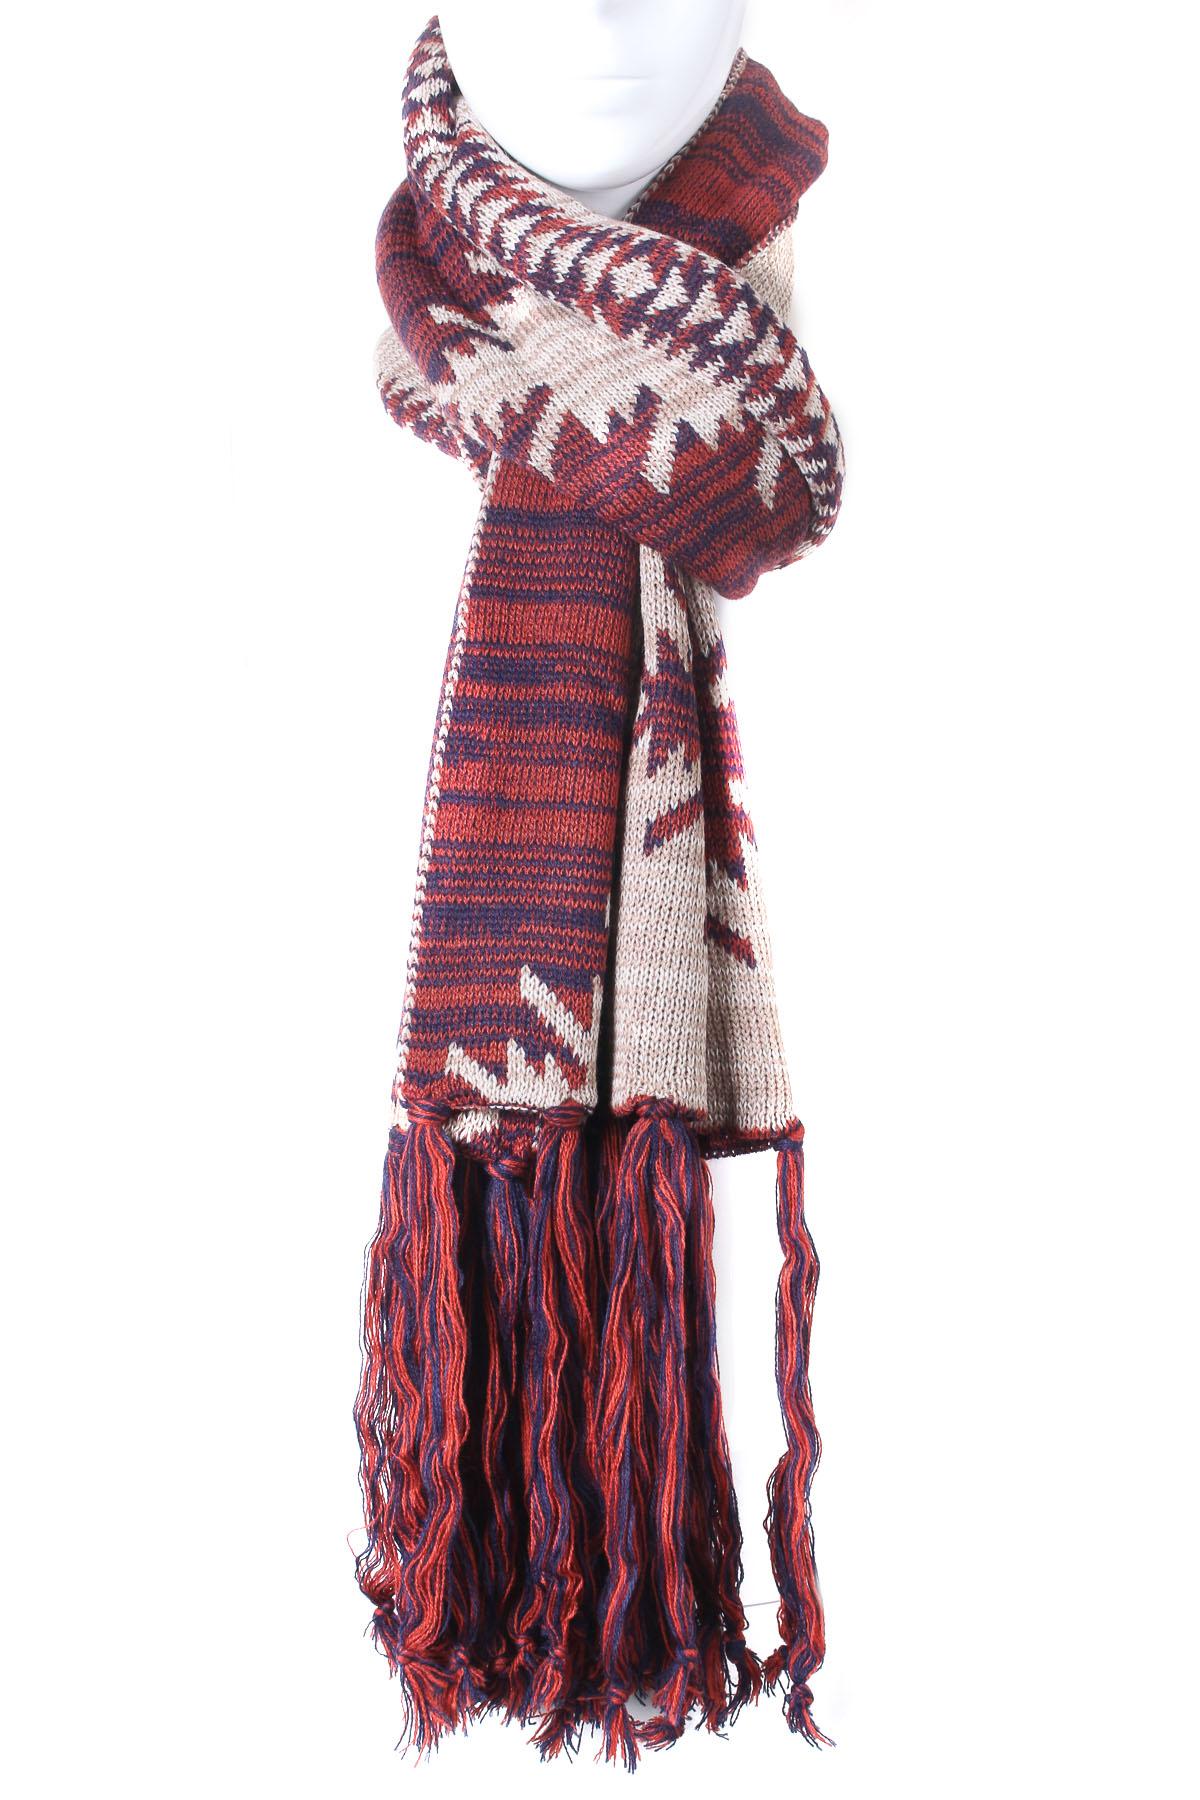 Aztec Knitting Pattern : Knit Aztec Pattern Oblong Scarf - Scarves